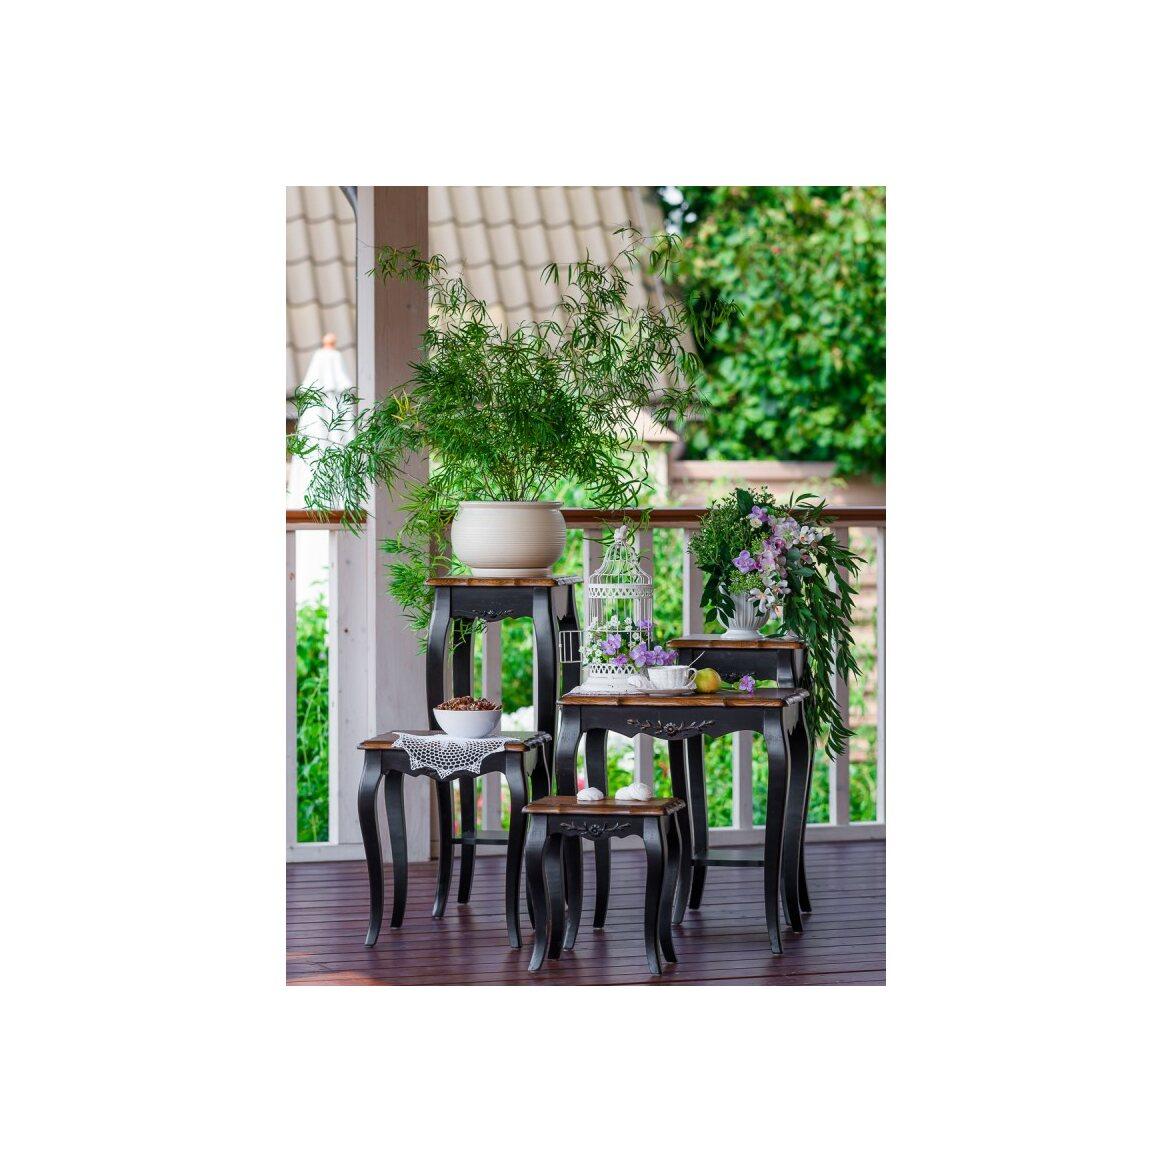 Консоль-подставка под цветы (низкая) Leontina, черного цвета 2 | Консоли Kingsby